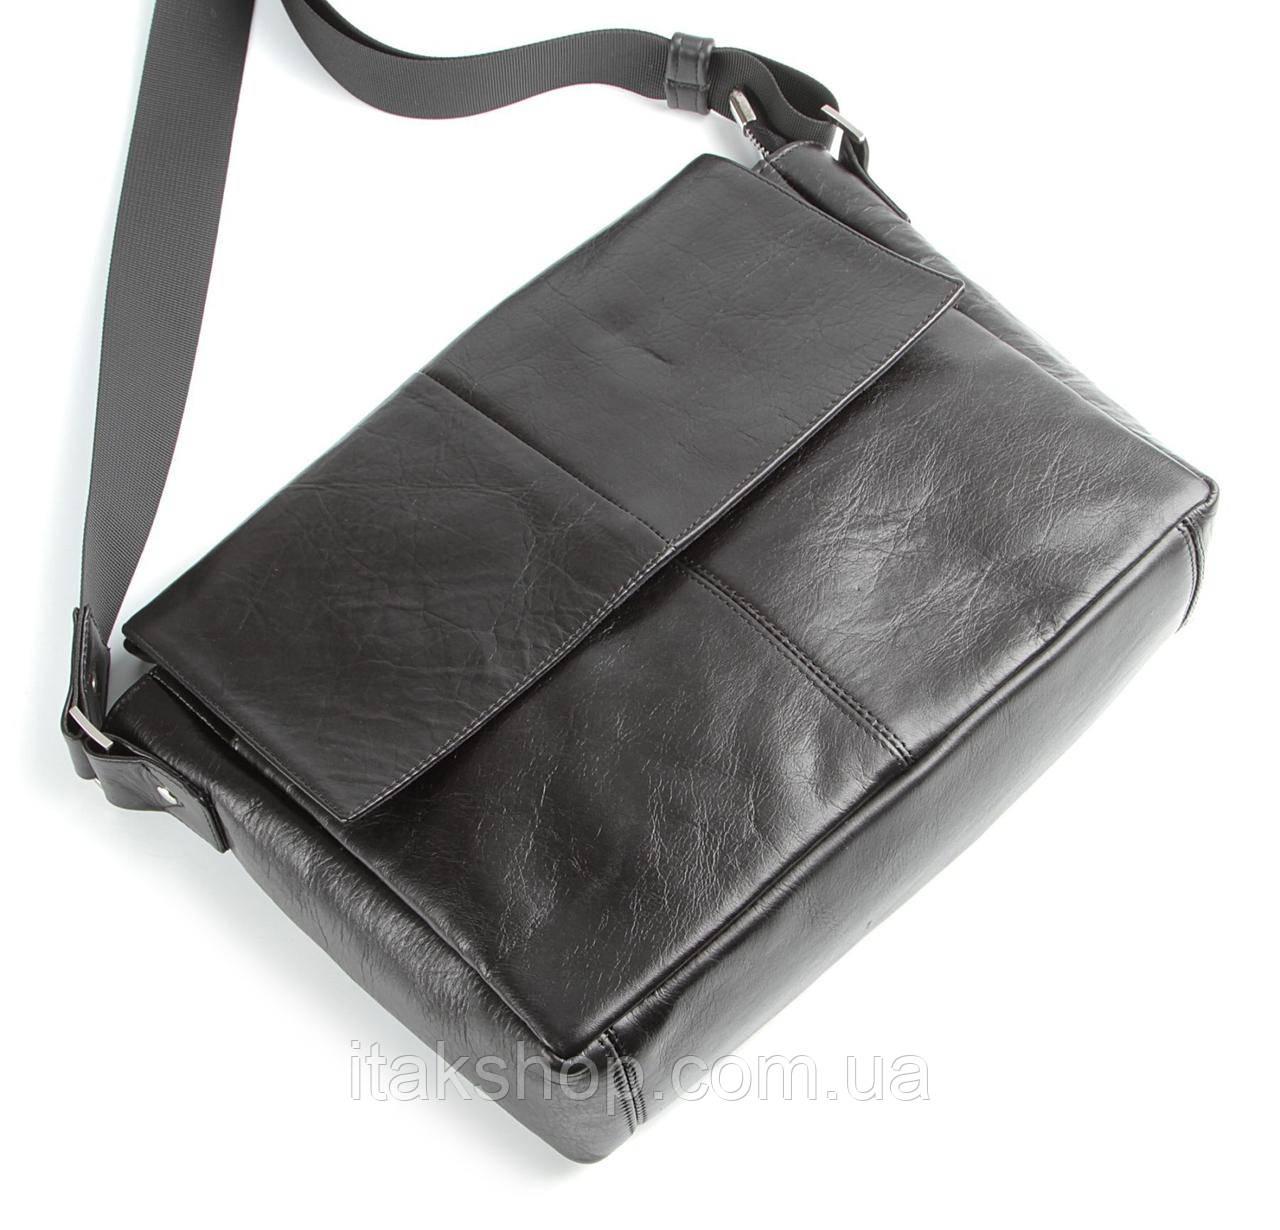 Кожаная мужская сумка Shvigel 00858 Черная + Подарок Ключница